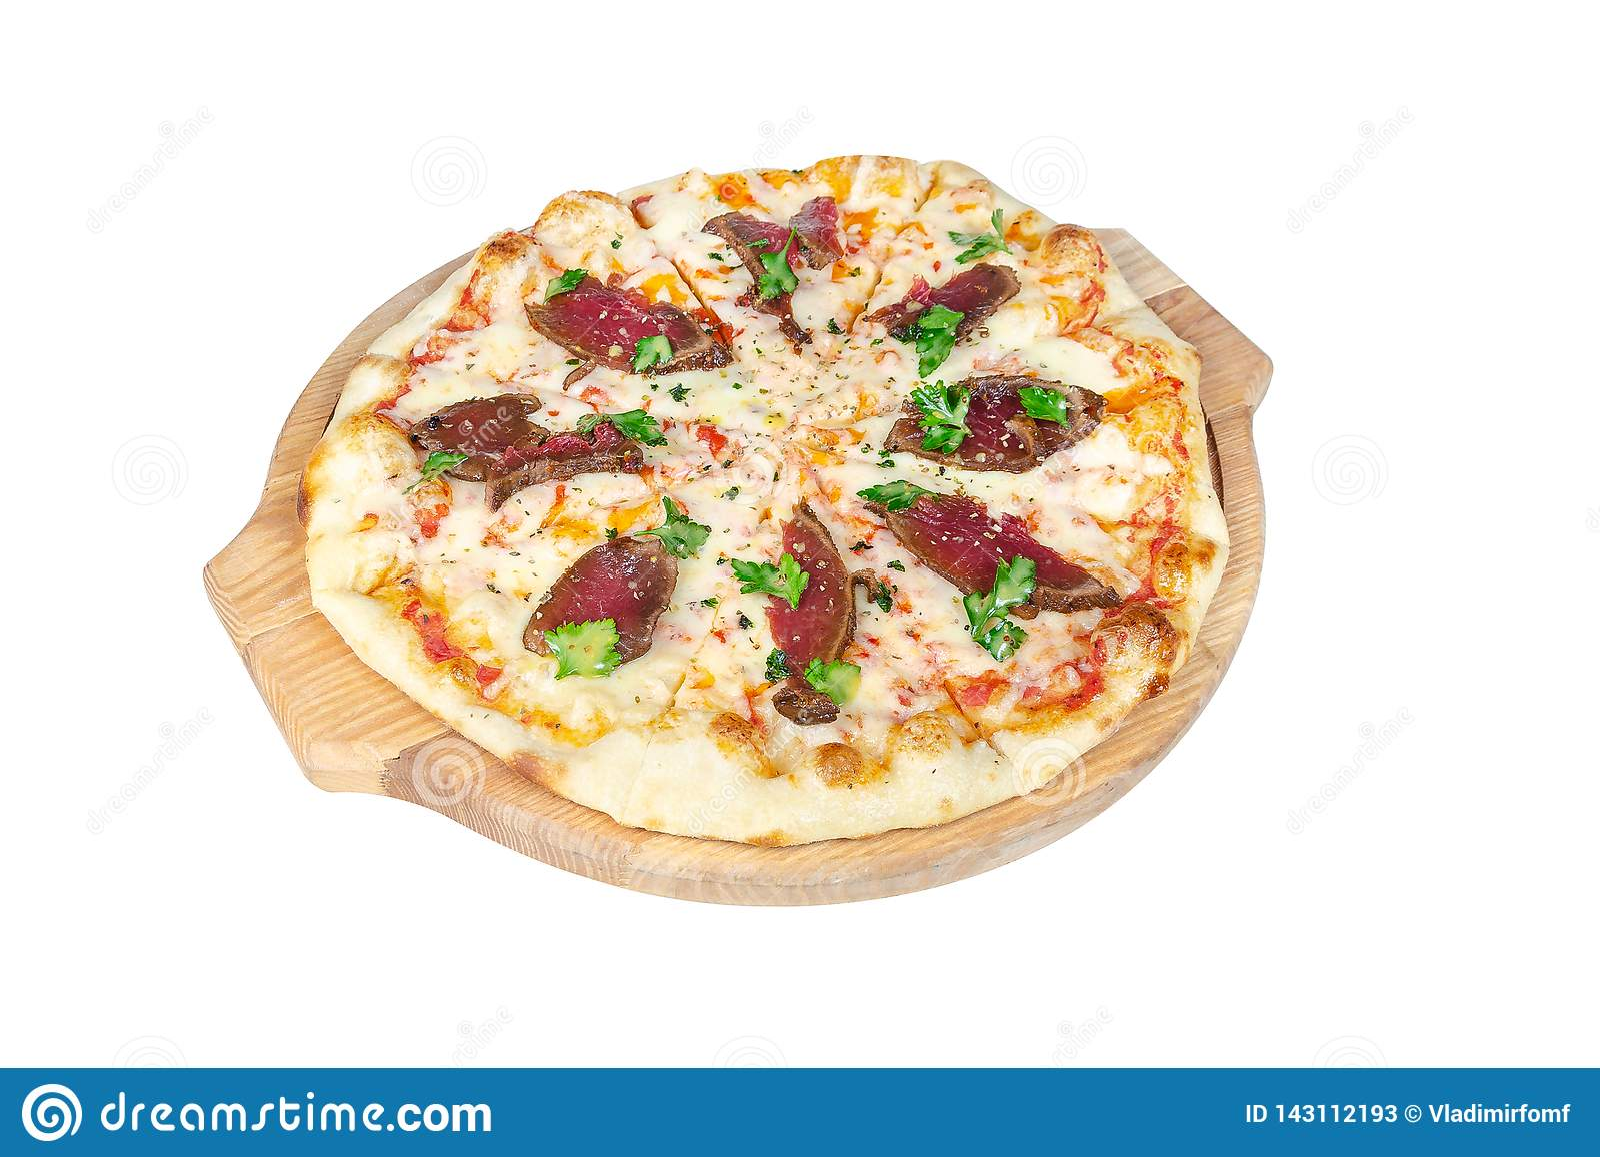 Пицца с ростбифом, сыром и зелеными цветами на круглой разделочной доске изолированной на белой предпосылке